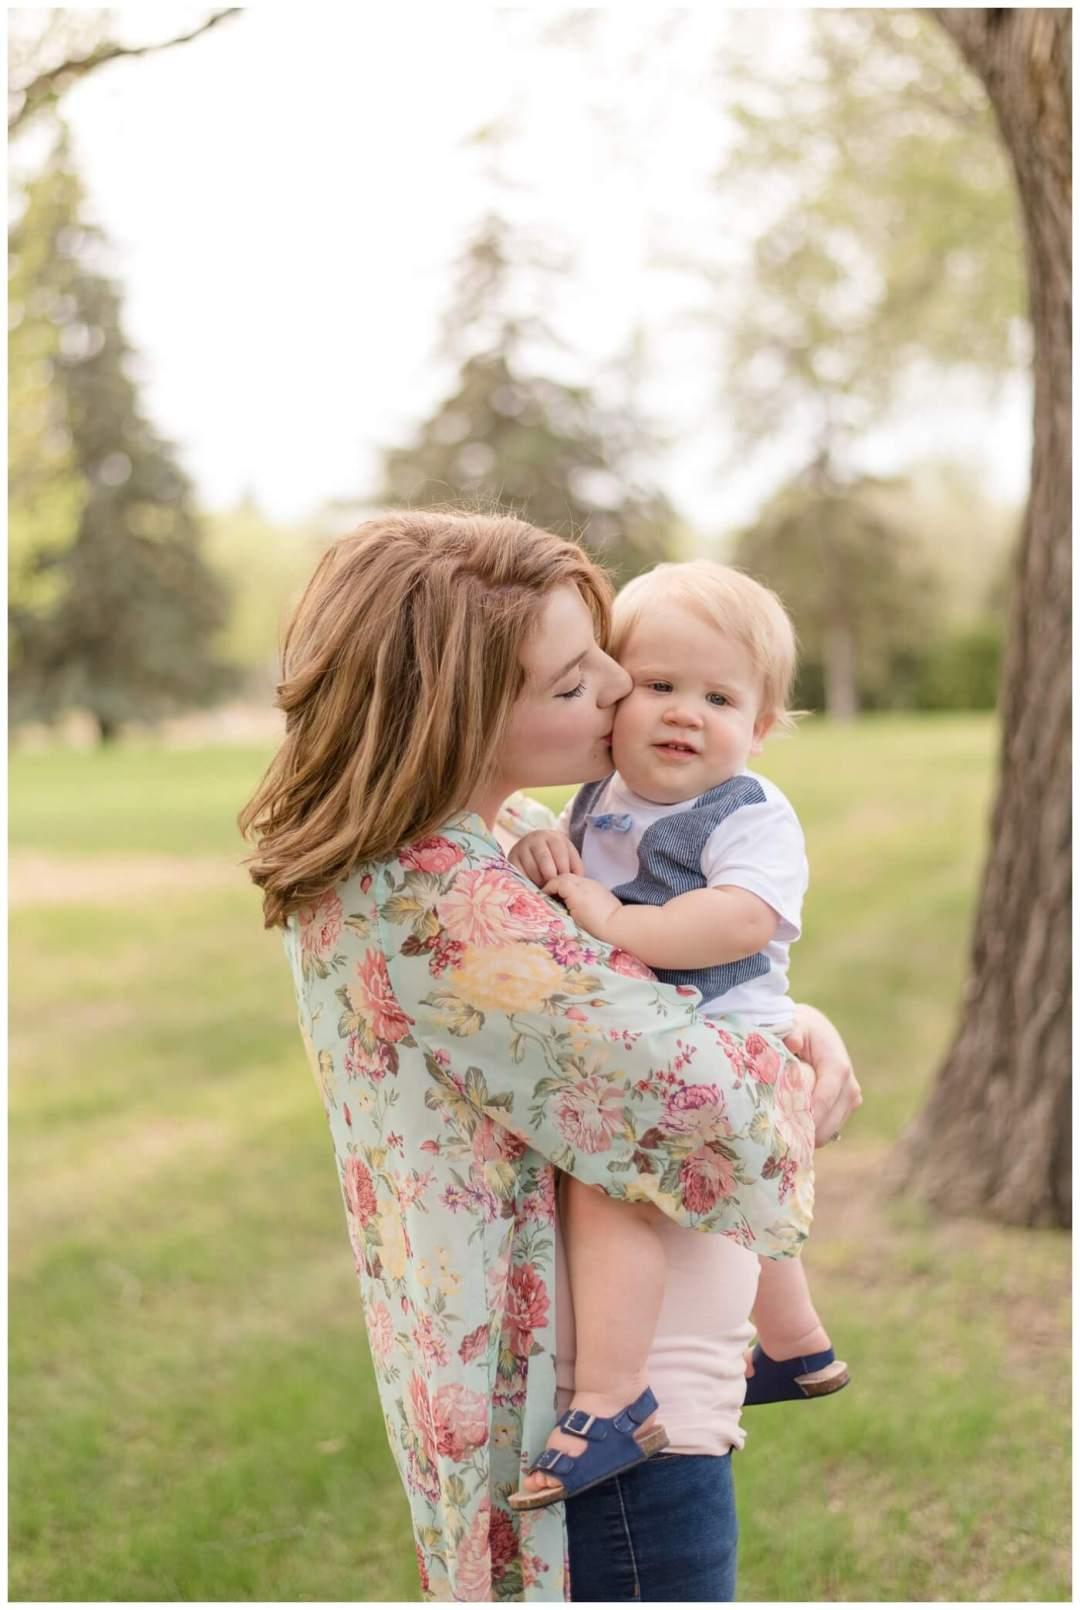 Regina Family Photographer - Amy - Oliver - Rotary Park - Wascana Park